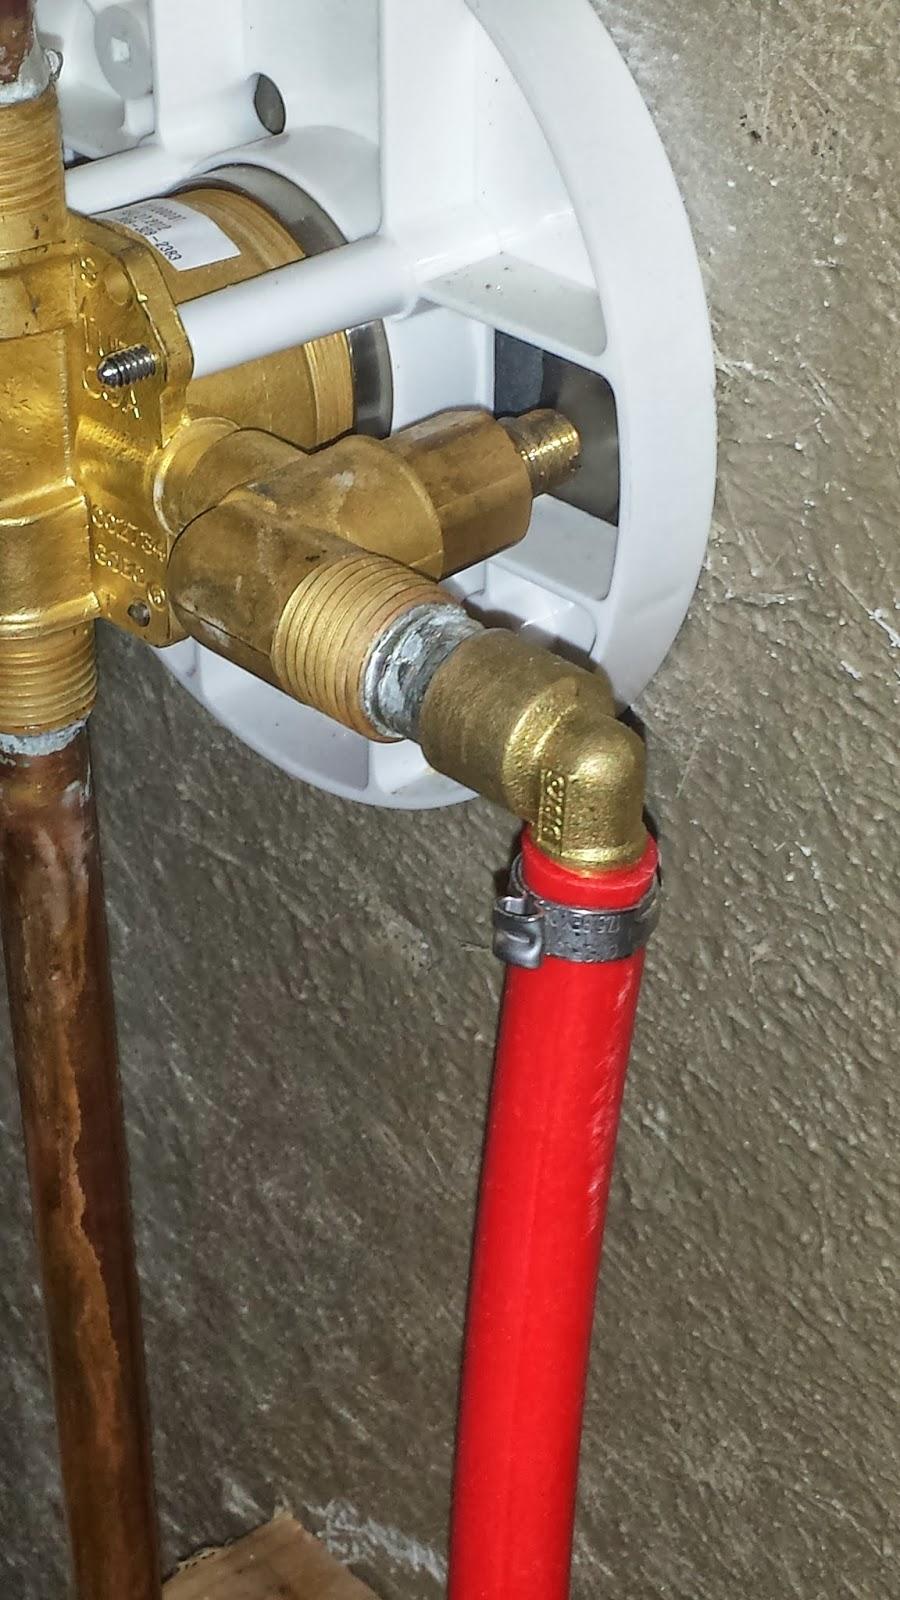 Install Shower Faucet With Pex - keradora